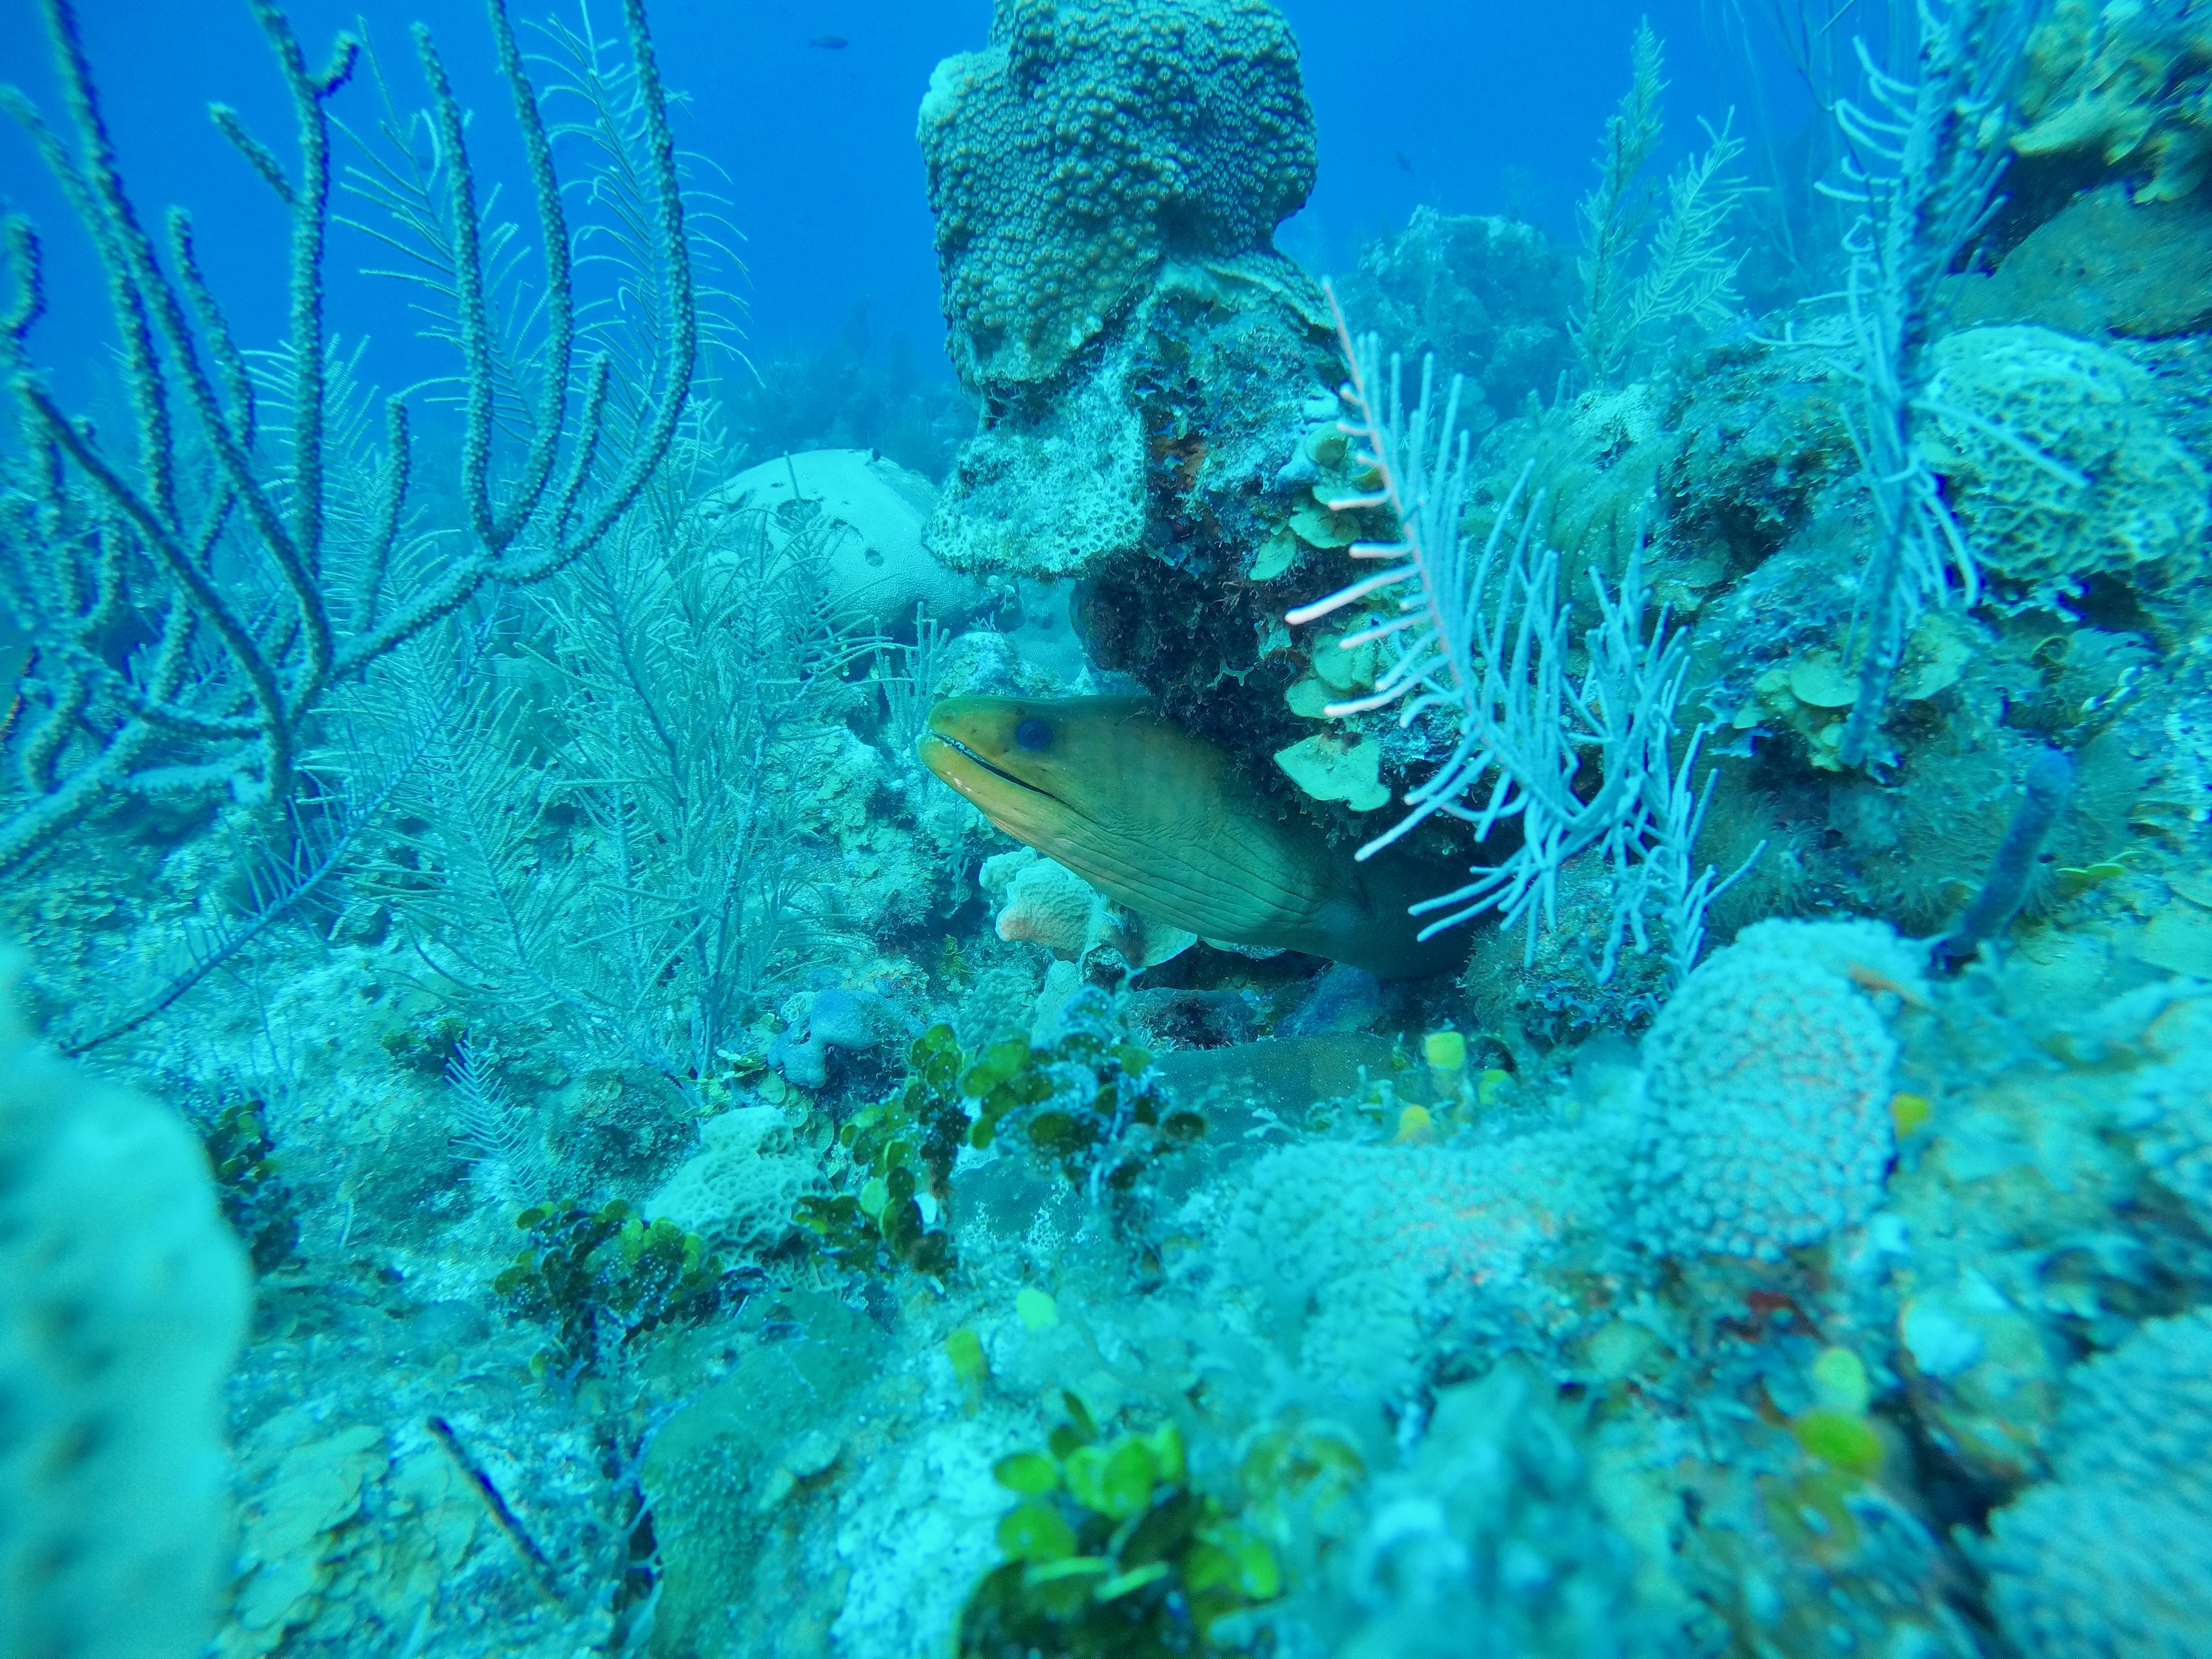 underwater photograph of eel in coral unrestored